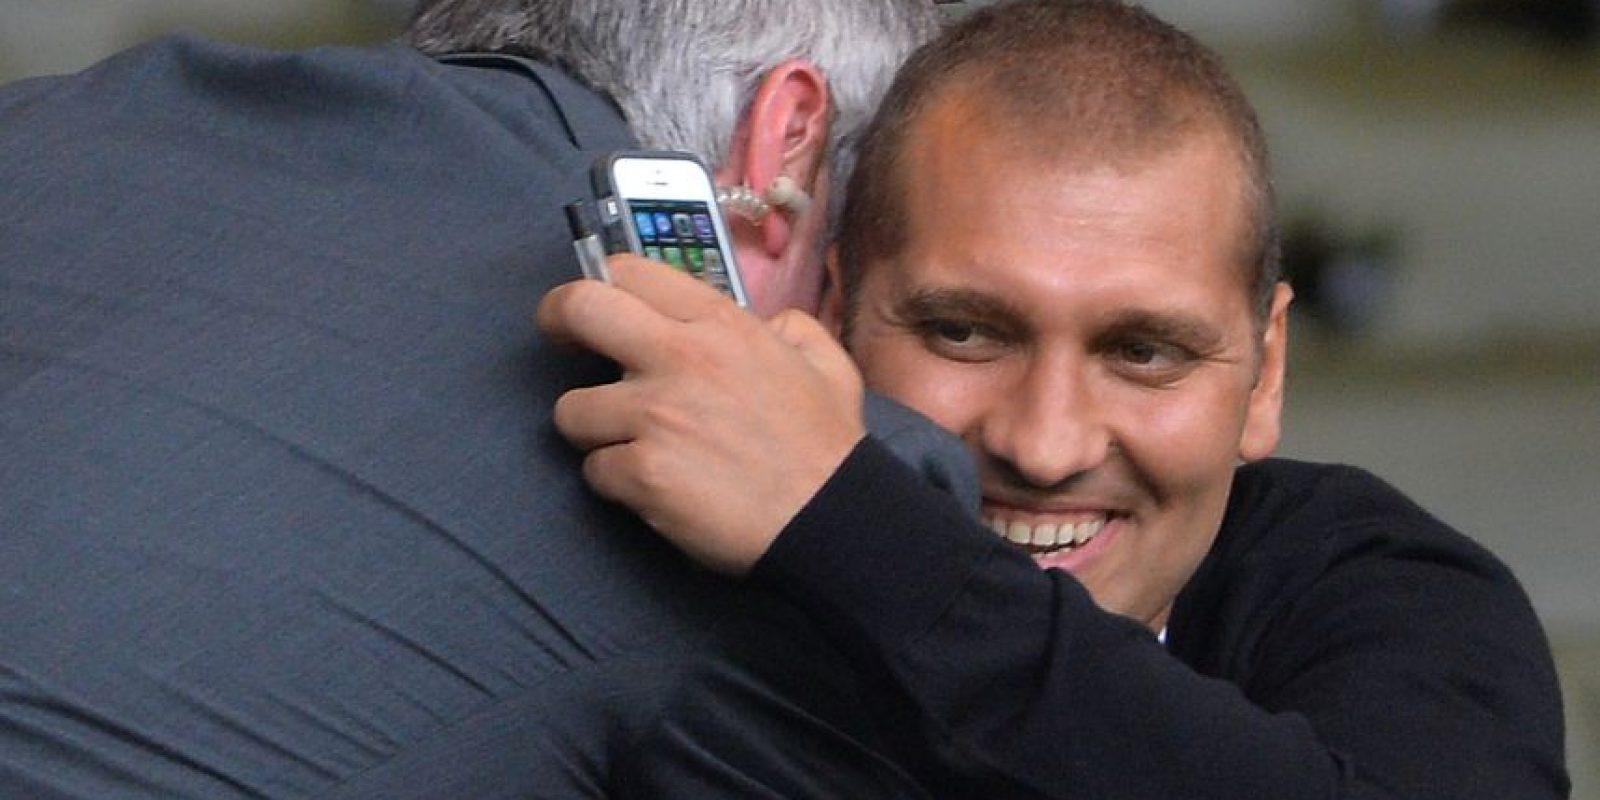 En marzo de 2012, el entonces capitán del Aston Villa sufrió una fiebre que lo envió al hospital y el diagnóstico fue leucemia aguda. Entonces, se retiró del fútbol para luchar por su vida. Tras dos años de una recuperación muy difícil, superó la enfermedad y volvió a jugar aunque en una liga semiprofesional de Inglaterra. Foto:Getty Images